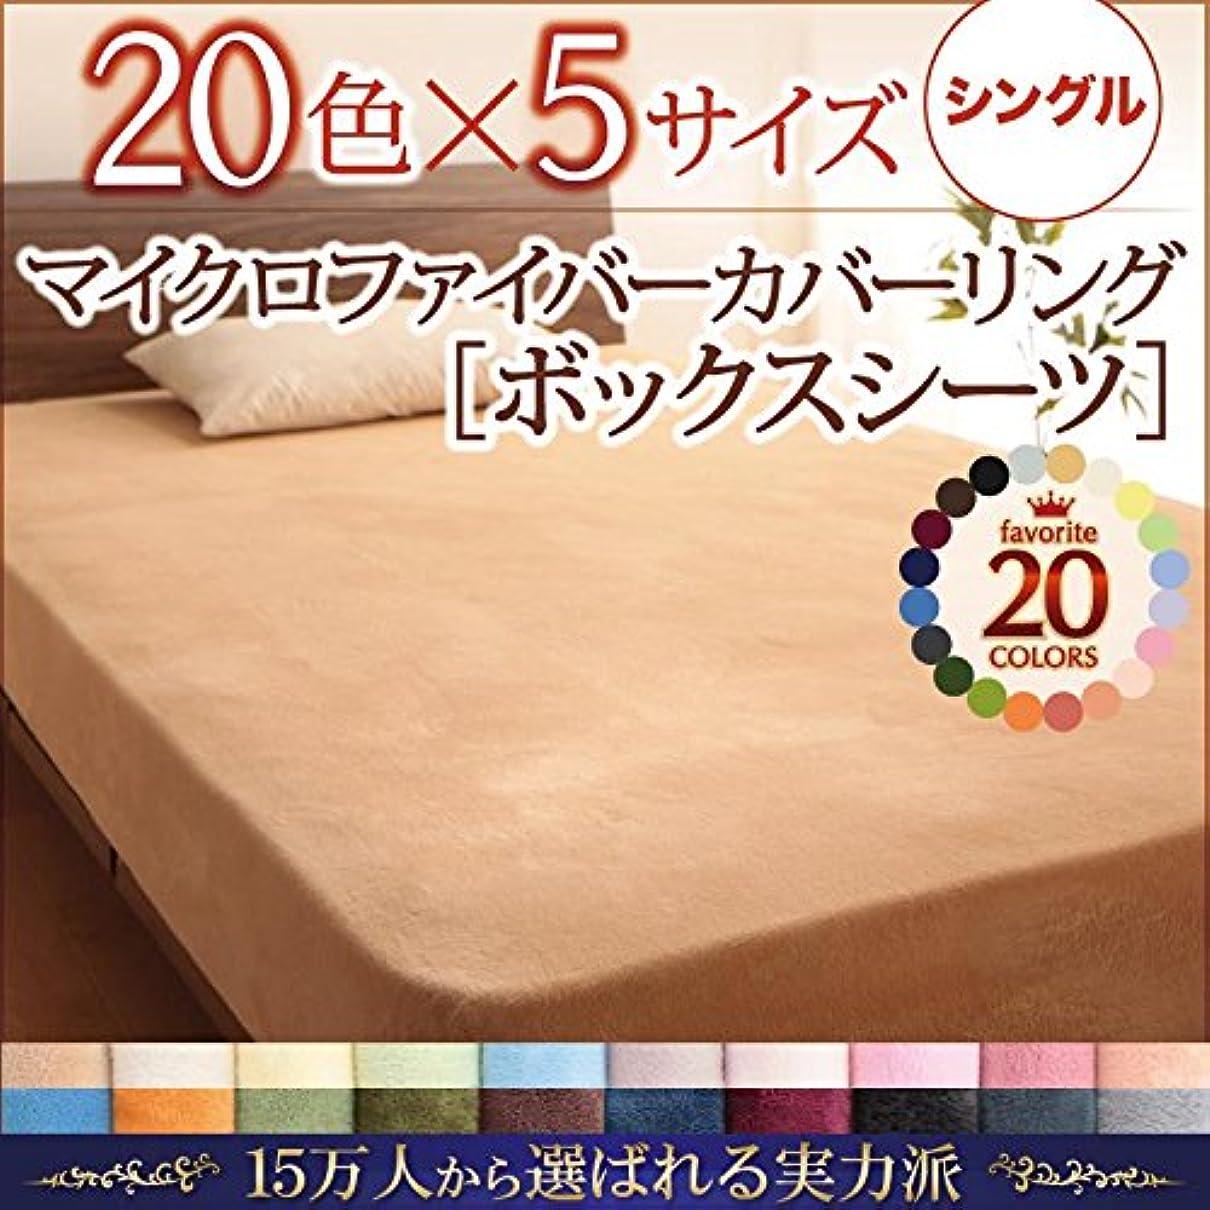 シャツテクスチャー可能にする単品 20色から選べるマイクロファイバー カバーリング 用 ベッド用ボックスシーツ (幅サイズ シングル)(カラー アイボリー)